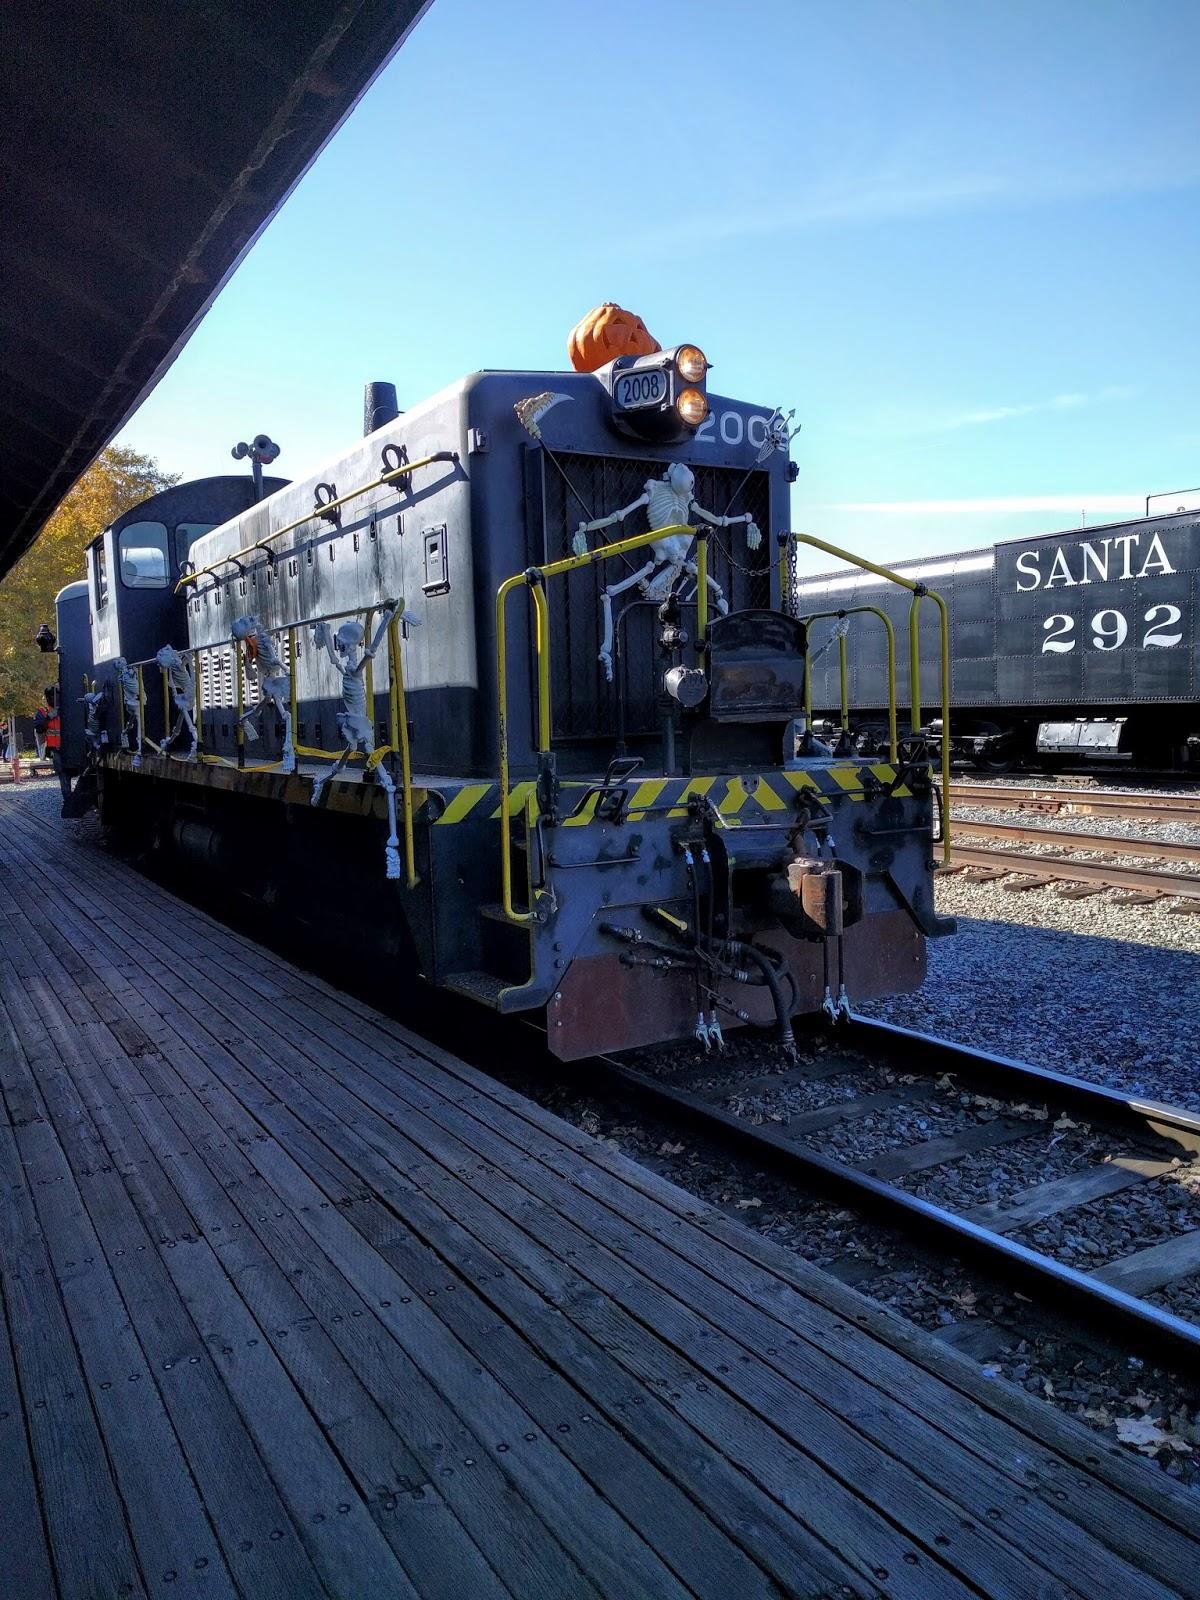 Halloween Old Sacramento 2020 Experience the Spookomotive Train Ride in Old Sacramento